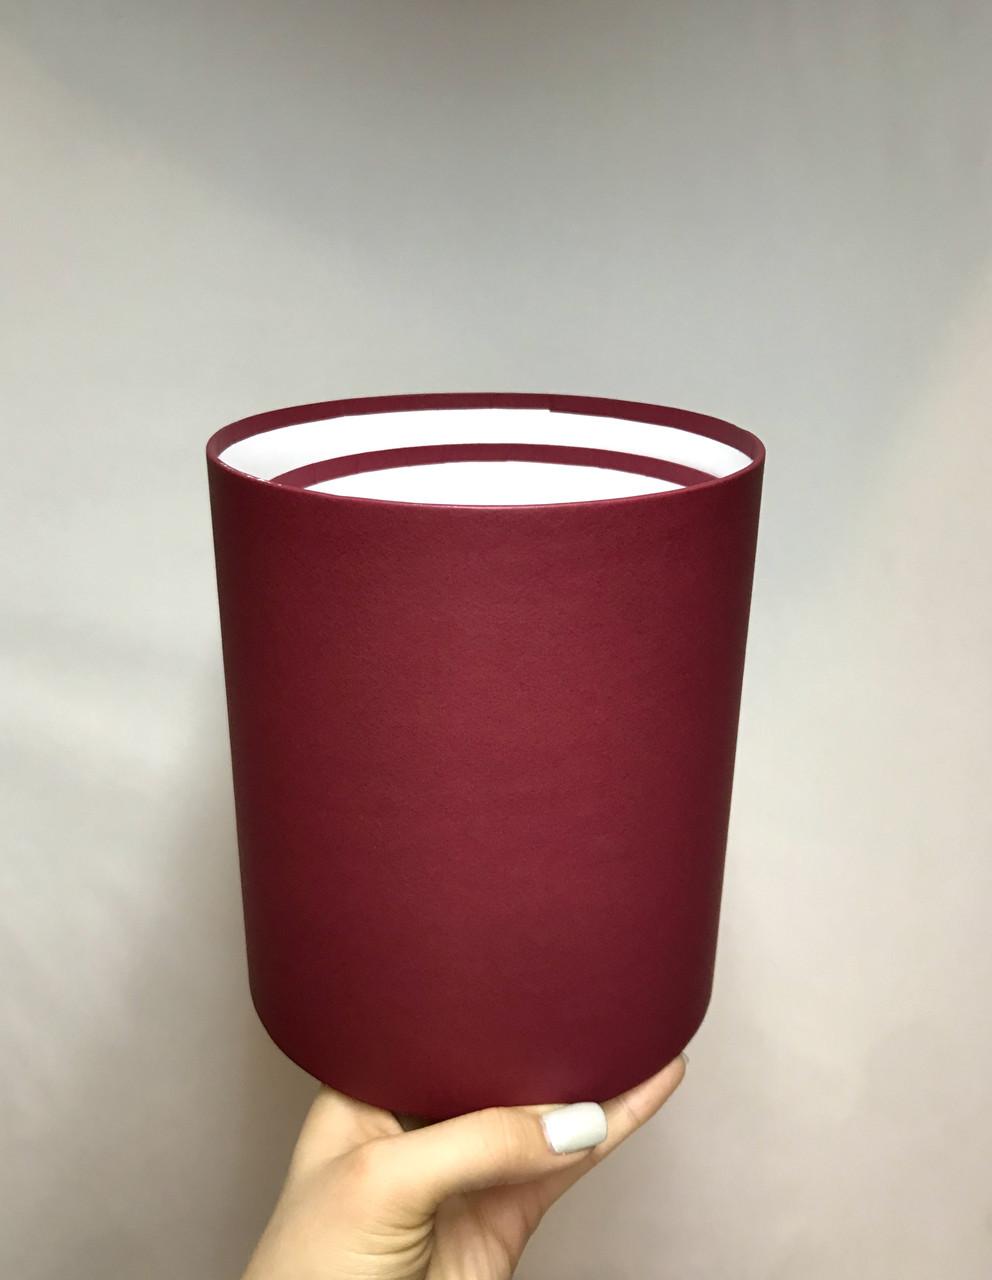 Коробка средняя круглая высокая без крышки